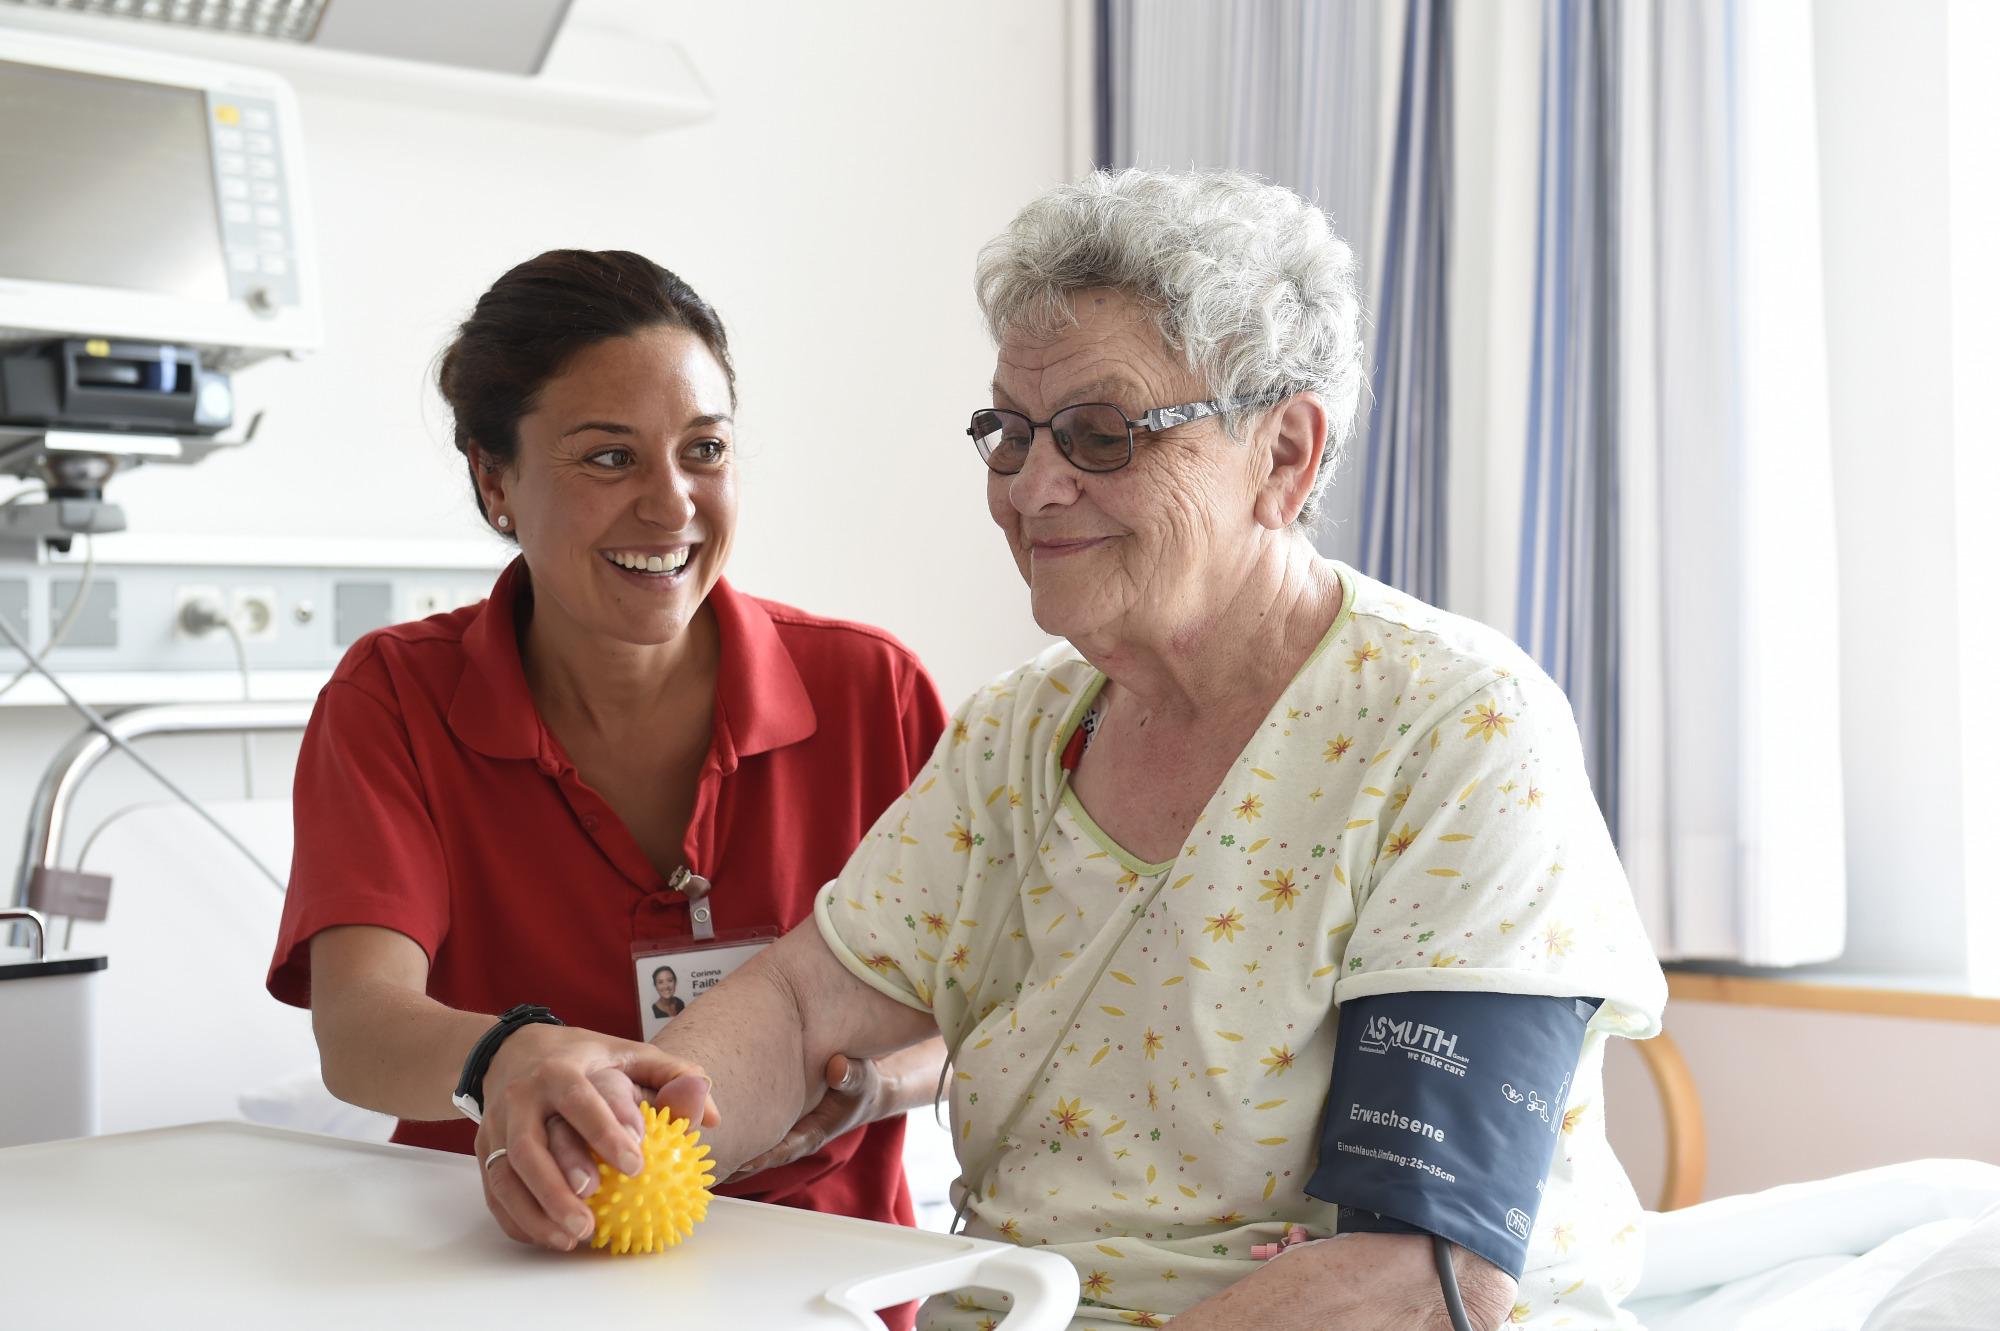 Ergotherapie Das Caritas Bad Mergentheim